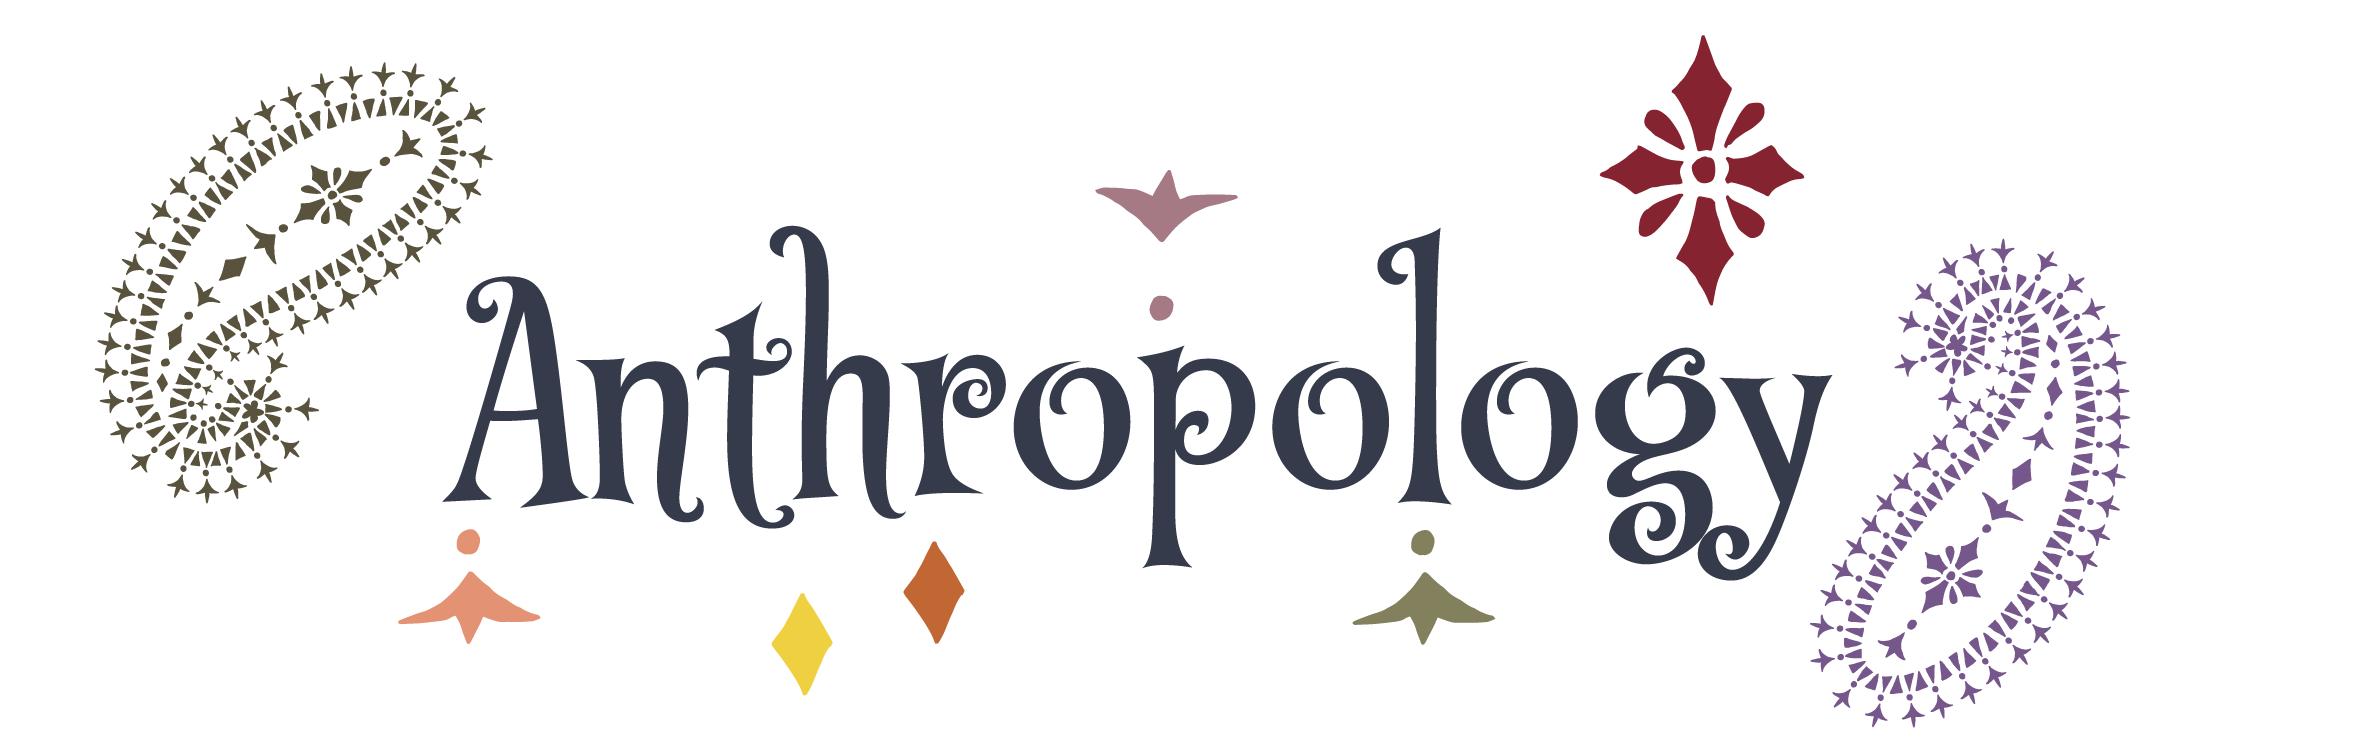 Anthropology-logo-thin.png